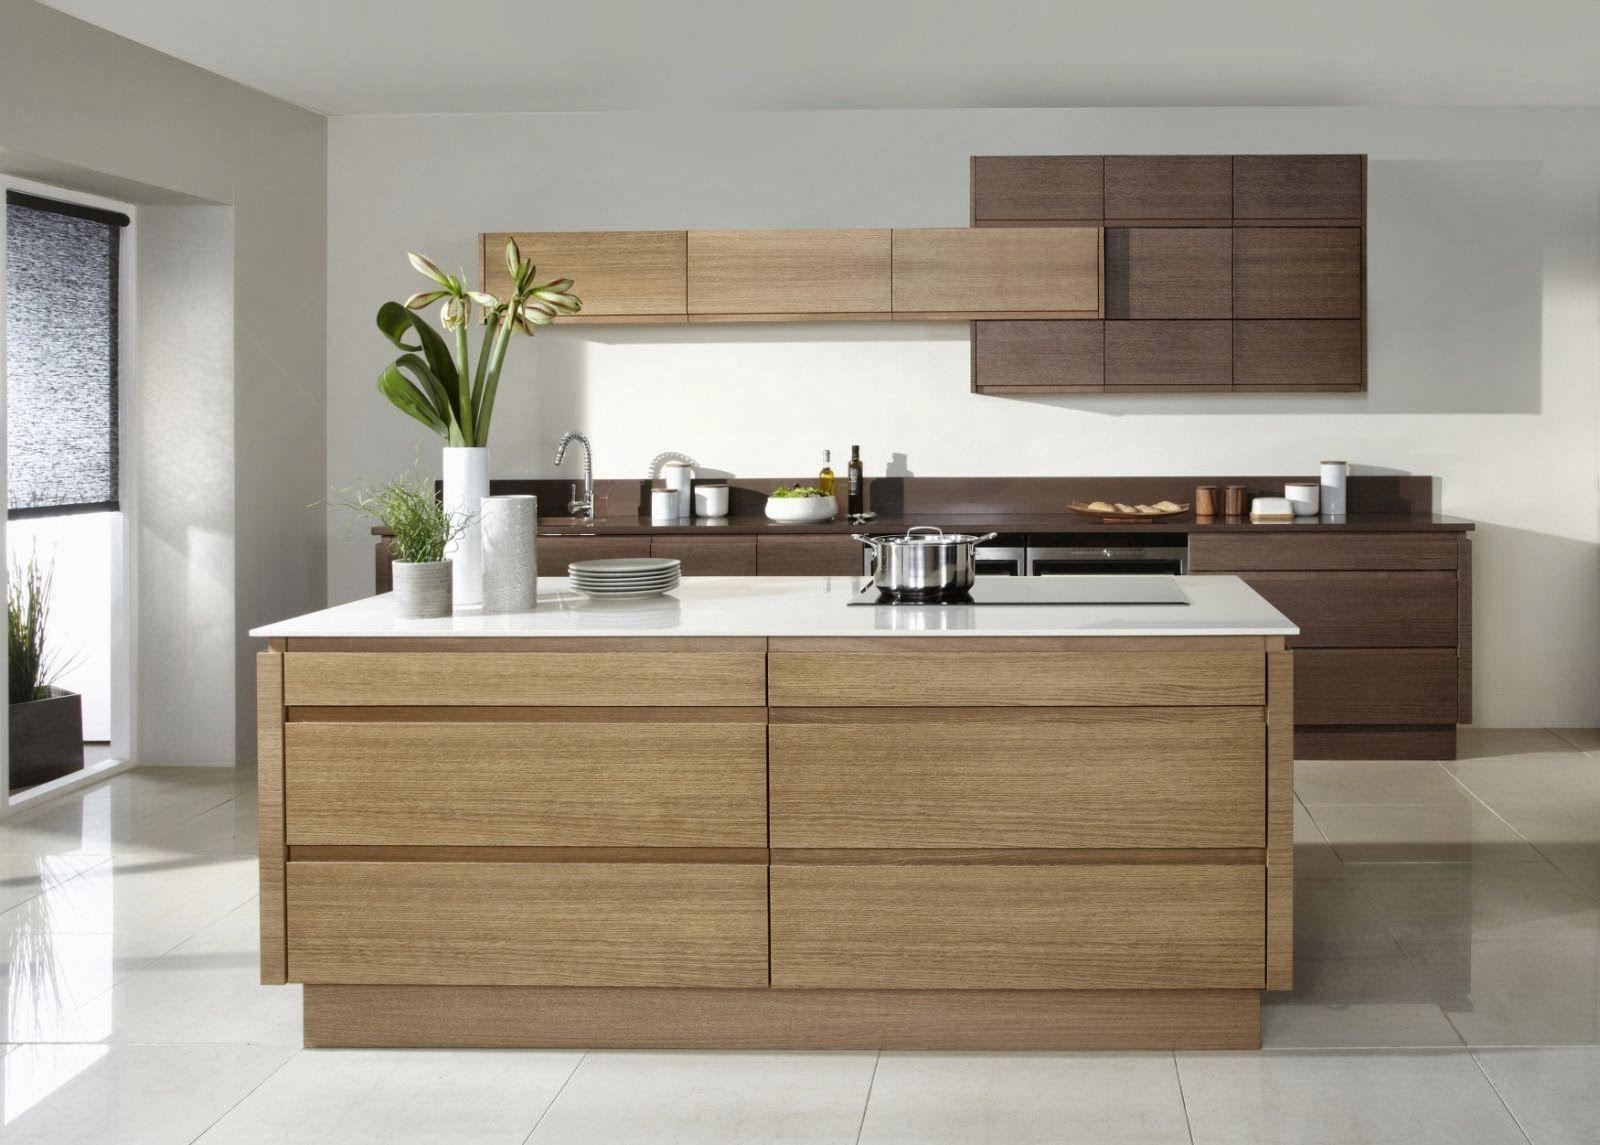 Sleek Handleless Kitchen Doors Handleless Kitchen Kitchen Interior Design Modern Modern Kitchen Design